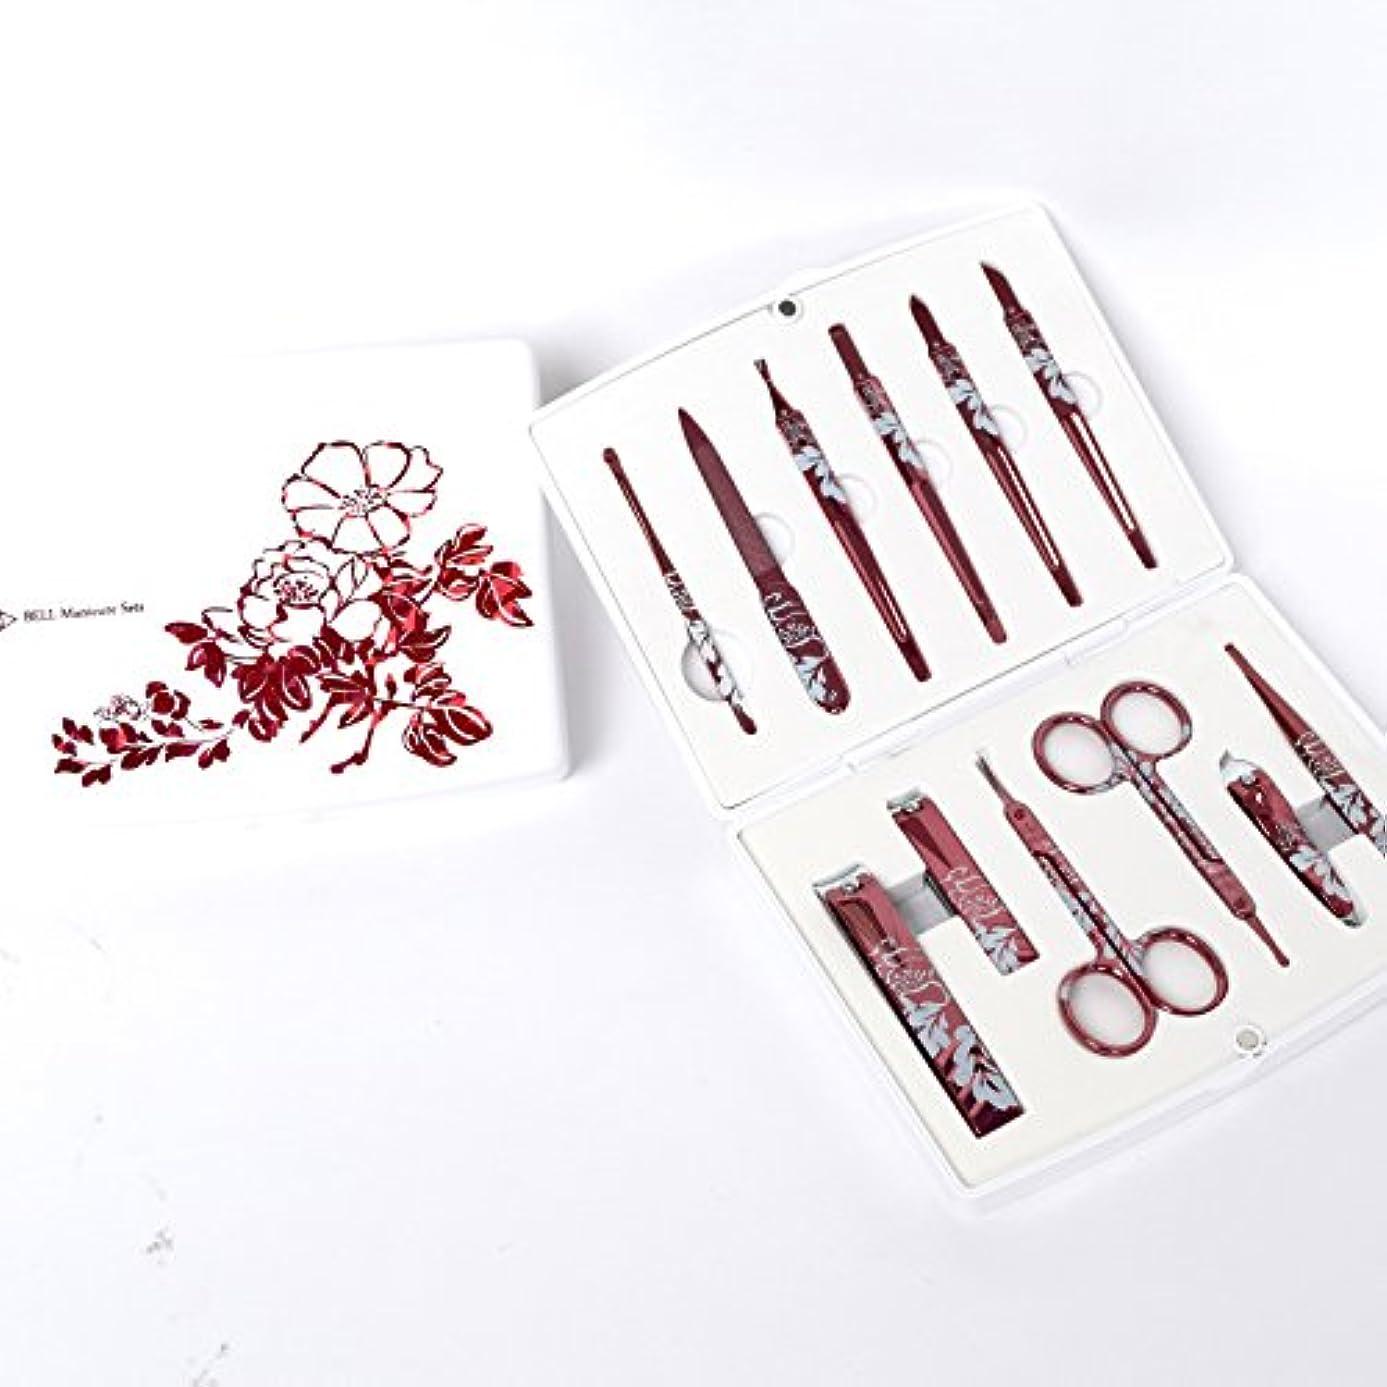 満足できるふつう病んでいるBELL Manicure Sets BM-500A ポータブル爪の管理セット 爪切りセット 高品質のネイルケアセット高級感のある東洋画のデザイン Portable Nail Clippers Nail Care Set